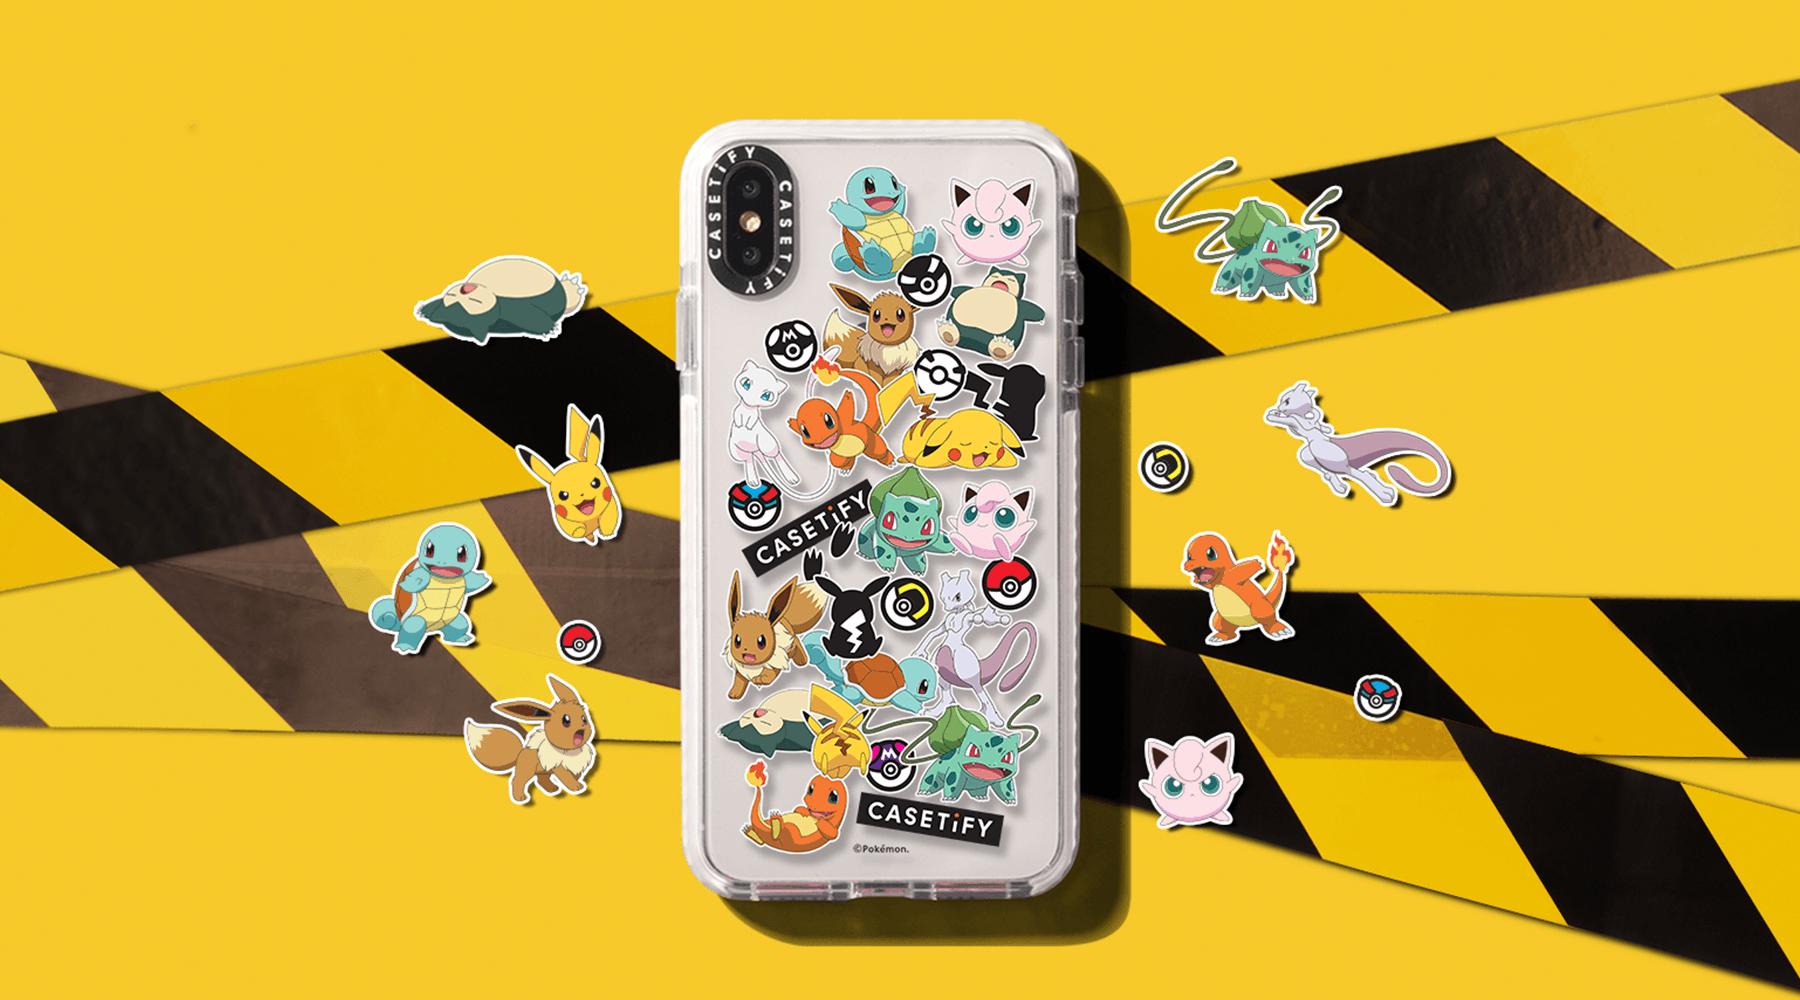 Smartech Selfridges – Summertime Gadget Drops